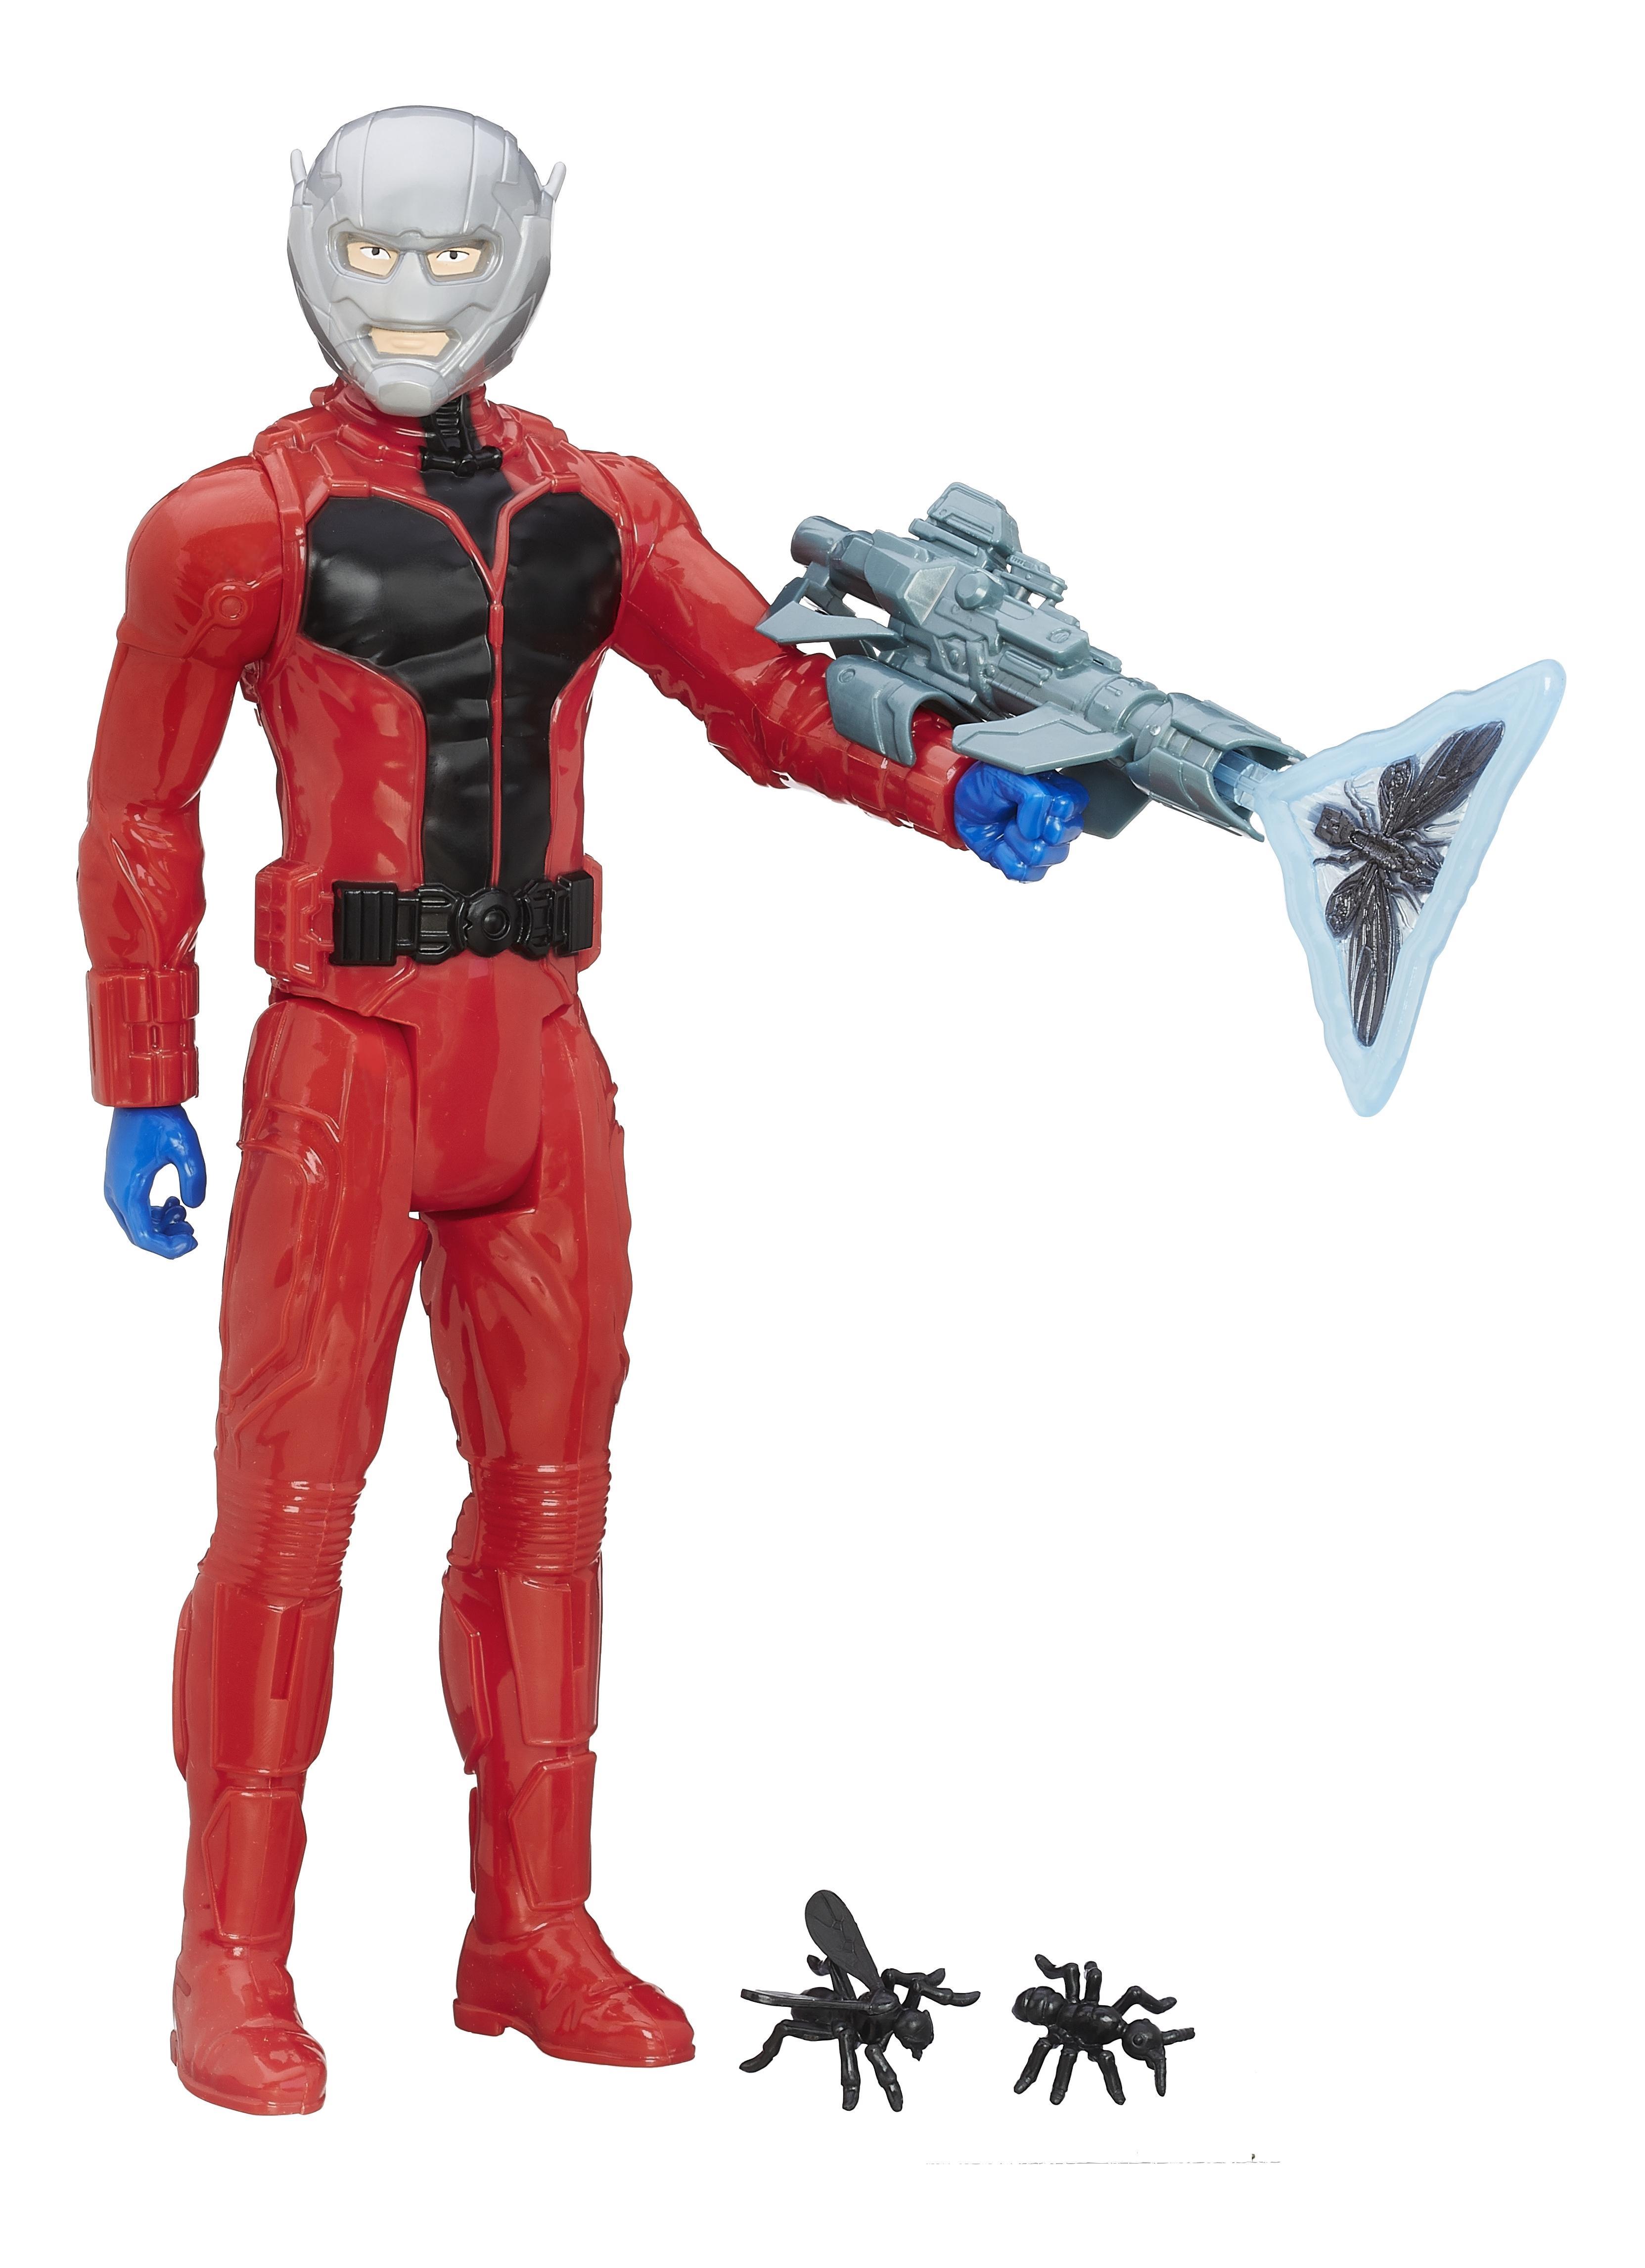 Купить Фигурка мстителя b5773 b6148, Avengers, Игровые фигурки